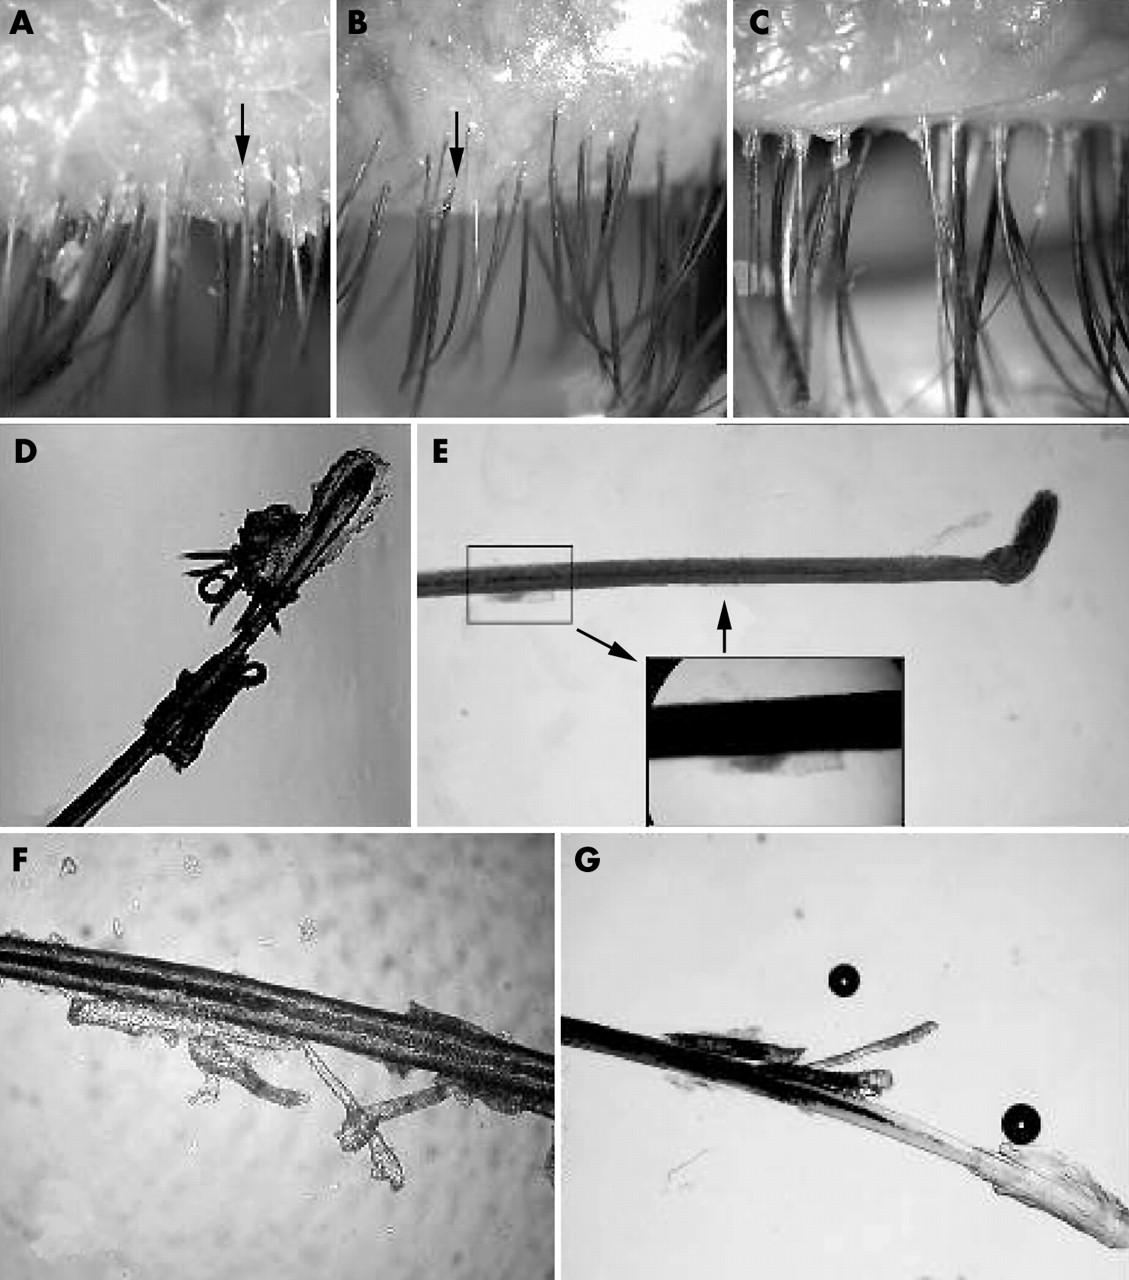 In vitro and in vivo killing of ocular Demodex by tea tree